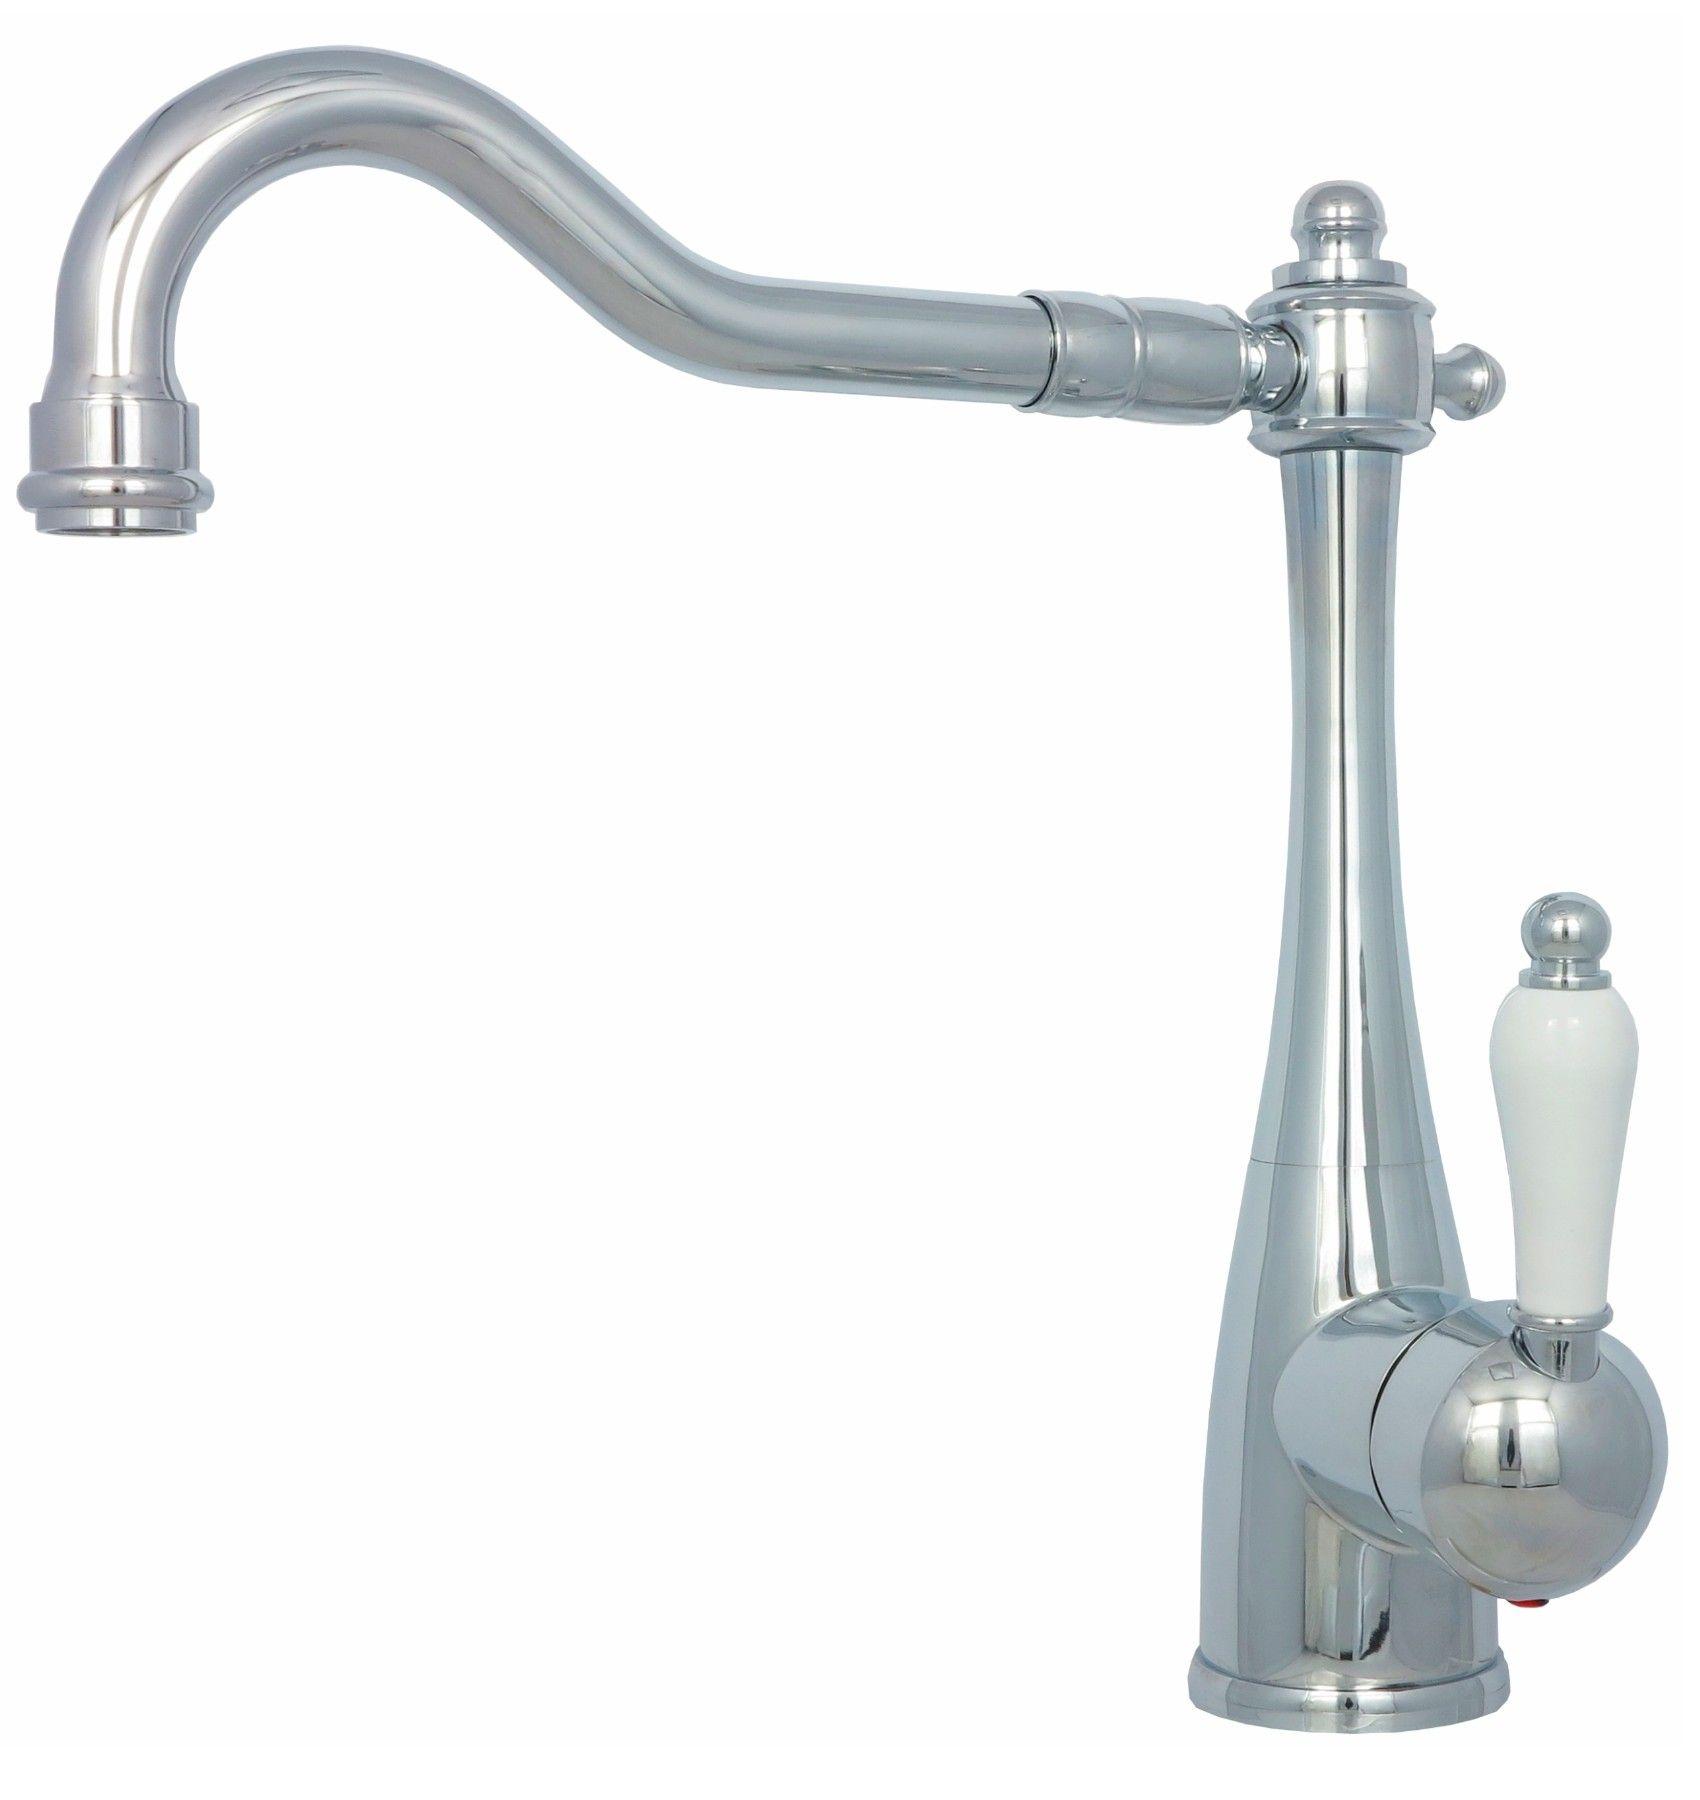 Waschtisch Waschbecken Wasserhahn Einhebelmischer Bad Küche Armatur ...